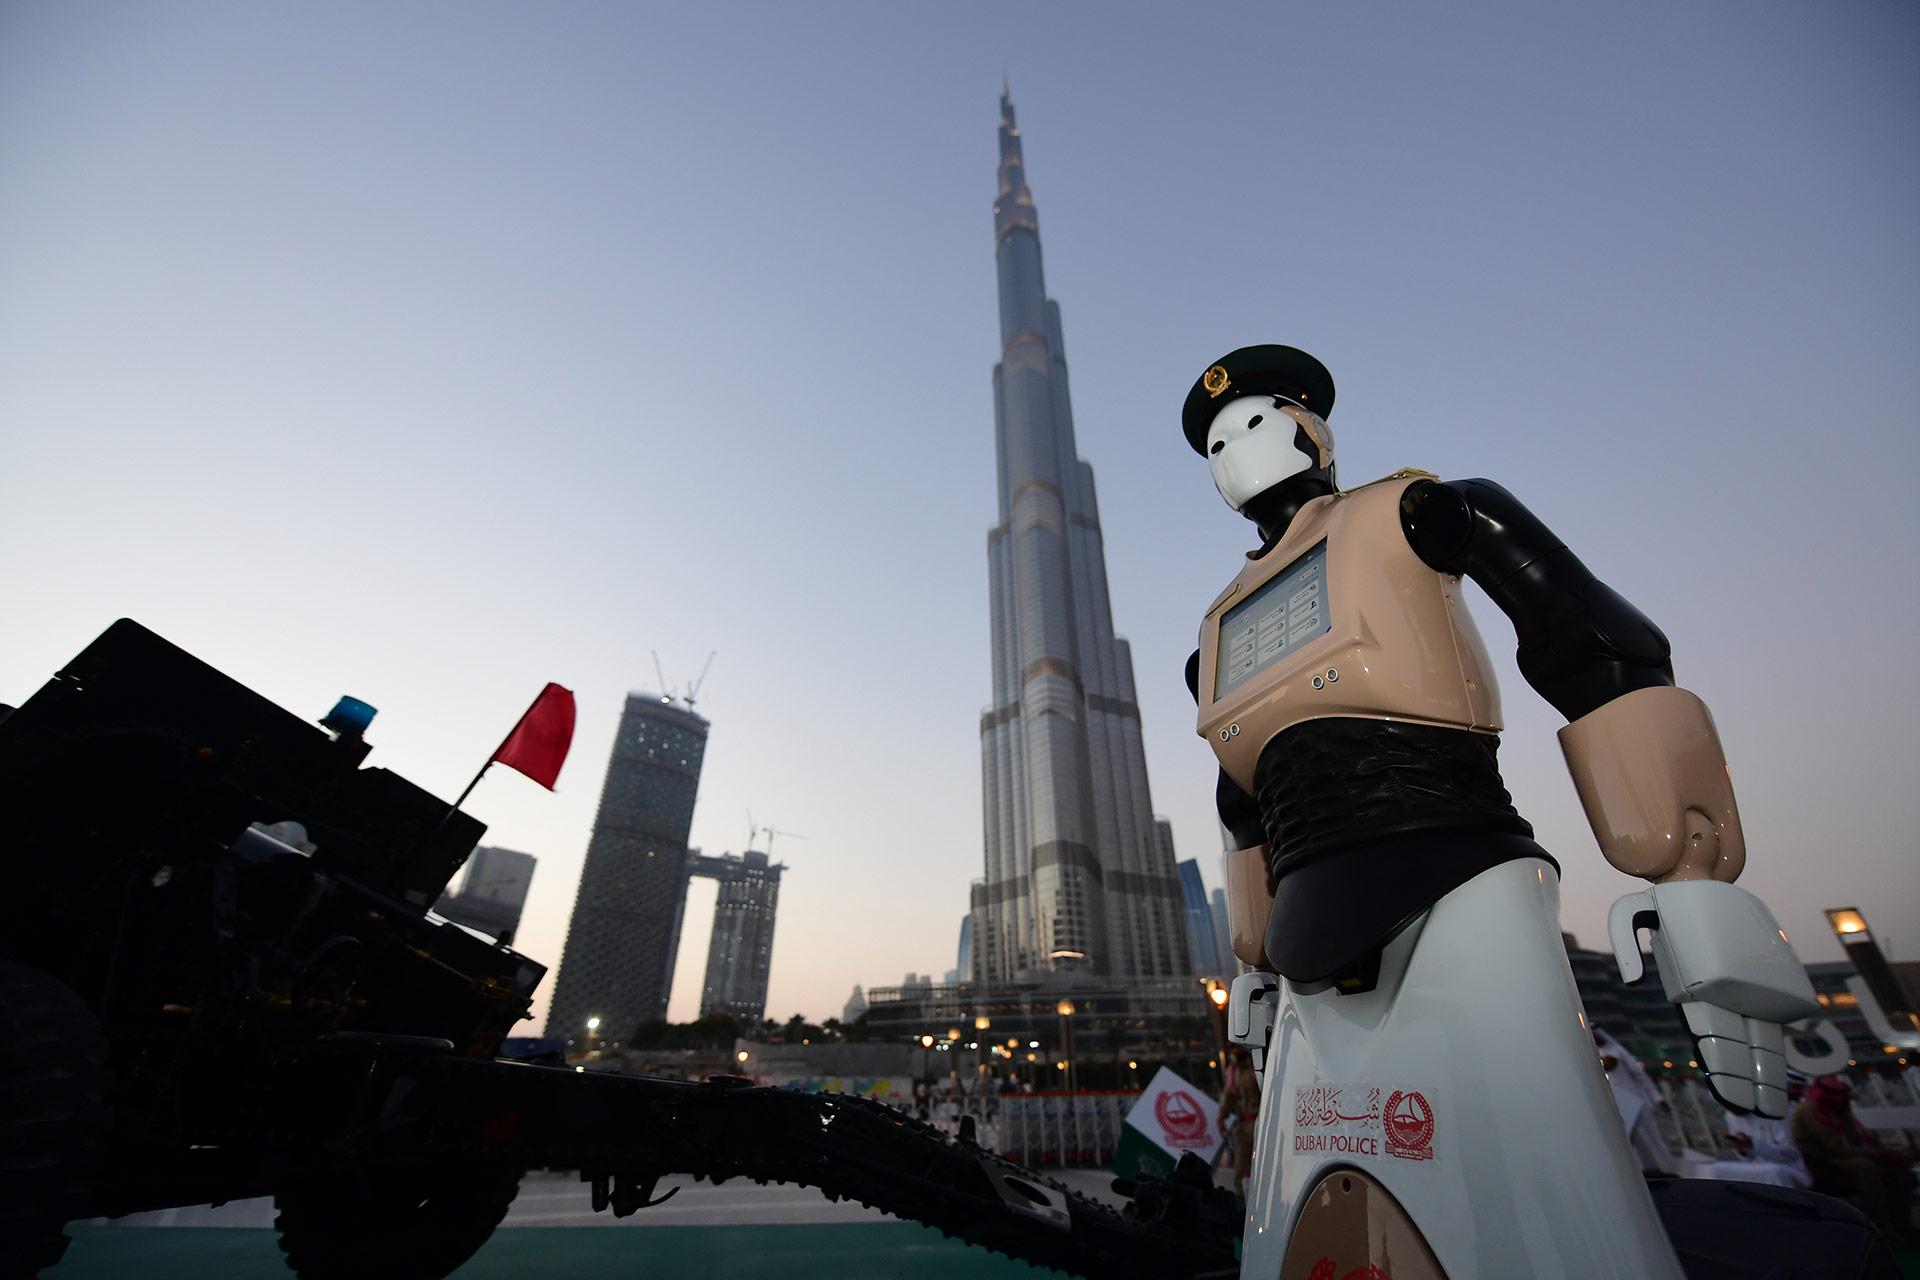 El prototipo fue presentado el miércoles por la noche a los pies del Burj Khalifa, el rascacielos más alto del mundo (con 828 metros), y generó gran expectativa a su alrededor